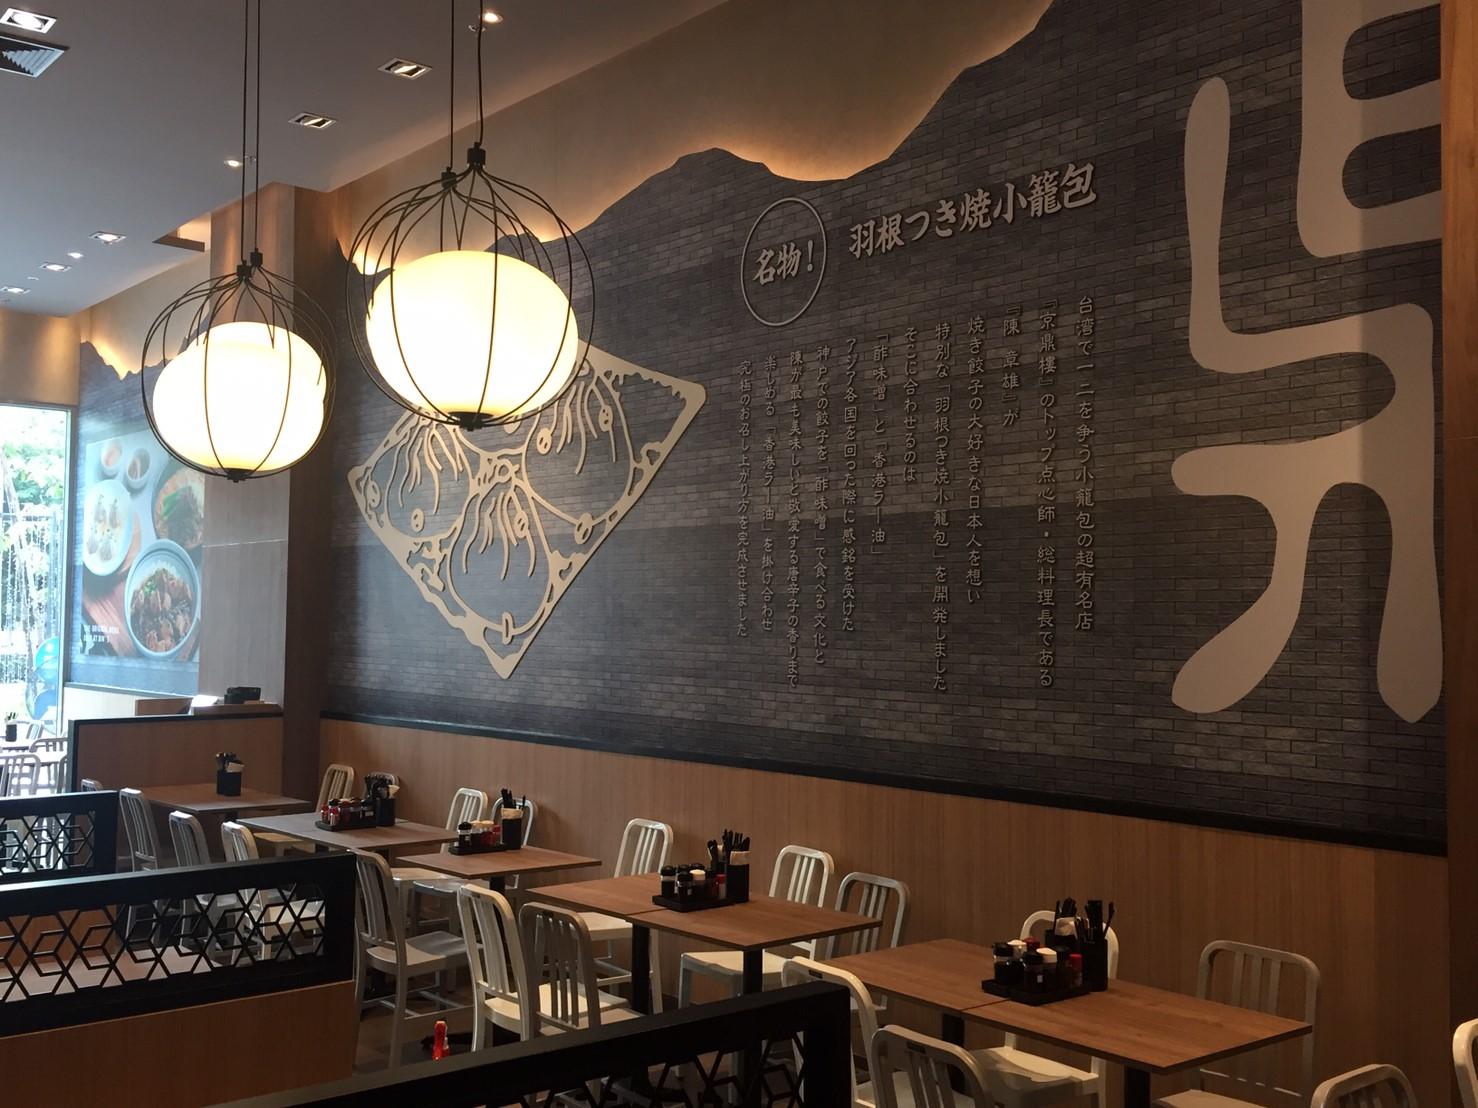 Din's海外1号店!! 『鼎' s  SAMYAN MITRTOWN店 』1月28日(火)にグランドオープン!』